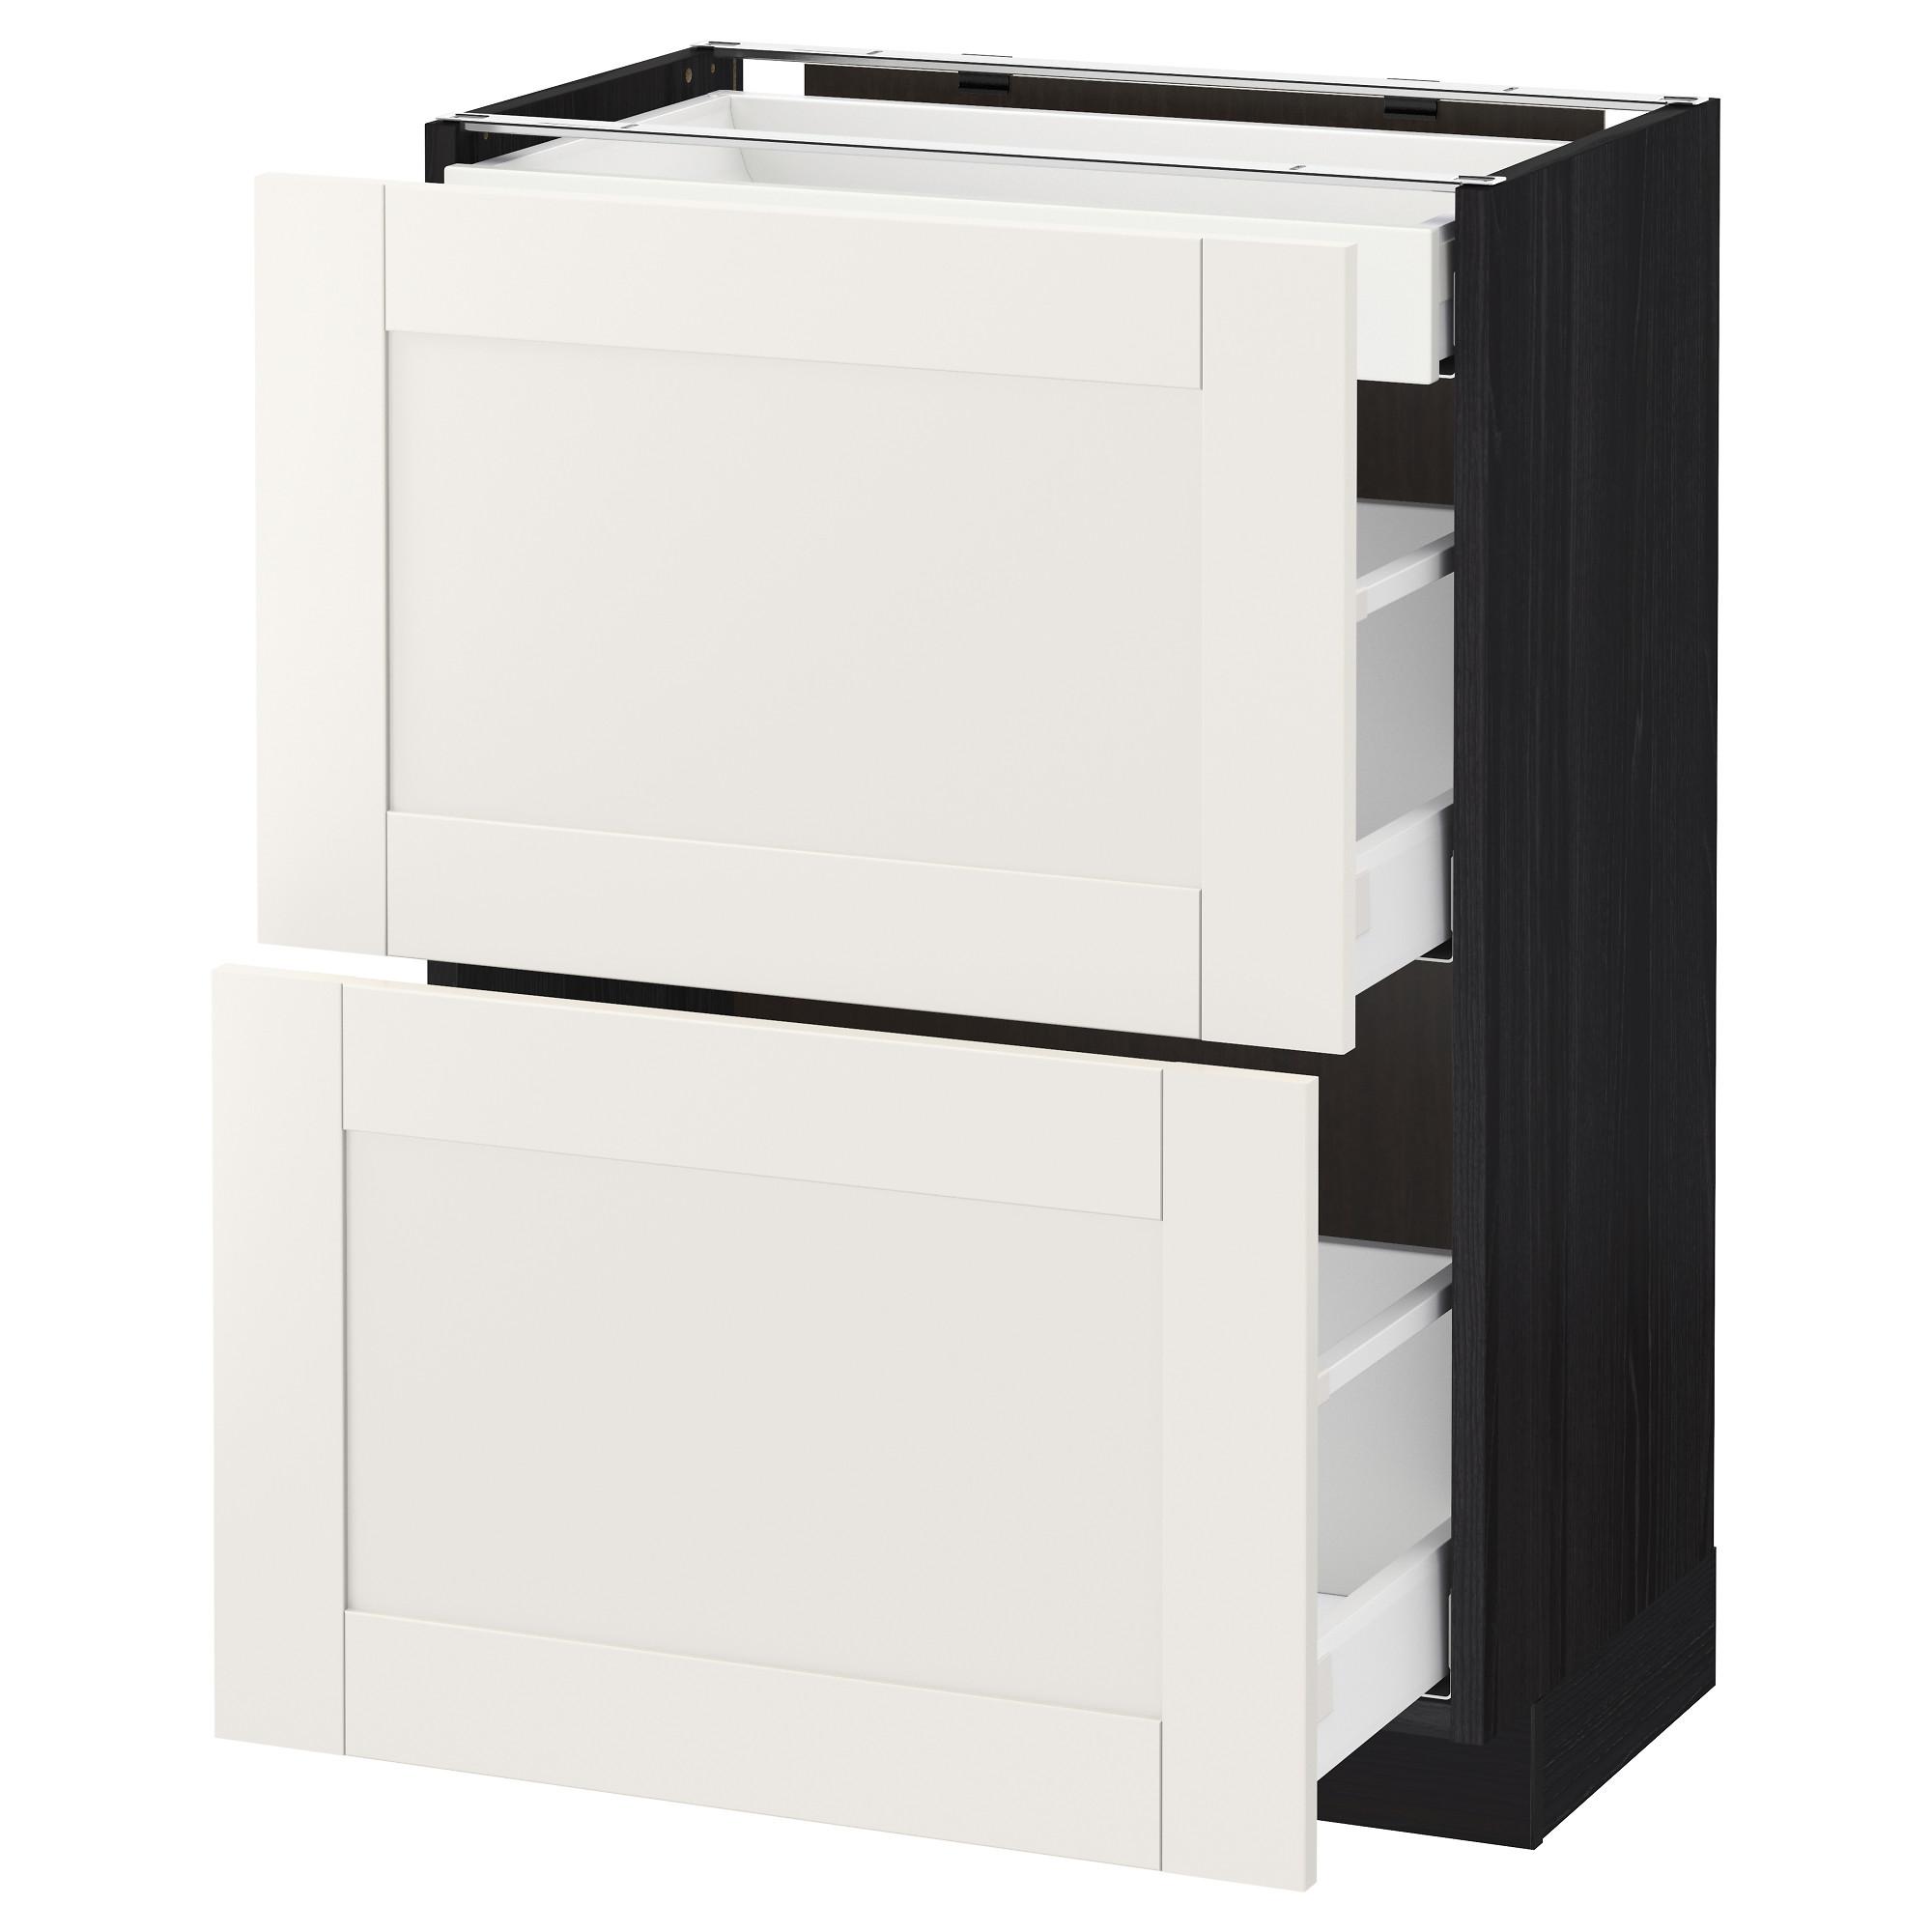 Напольный шкаф, 2 фасада, 3 ящика МЕТОД / МАКСИМЕРА черный артикуль № 692.387.40 в наличии. Интернет каталог IKEA Беларусь. Быстрая доставка и установка.